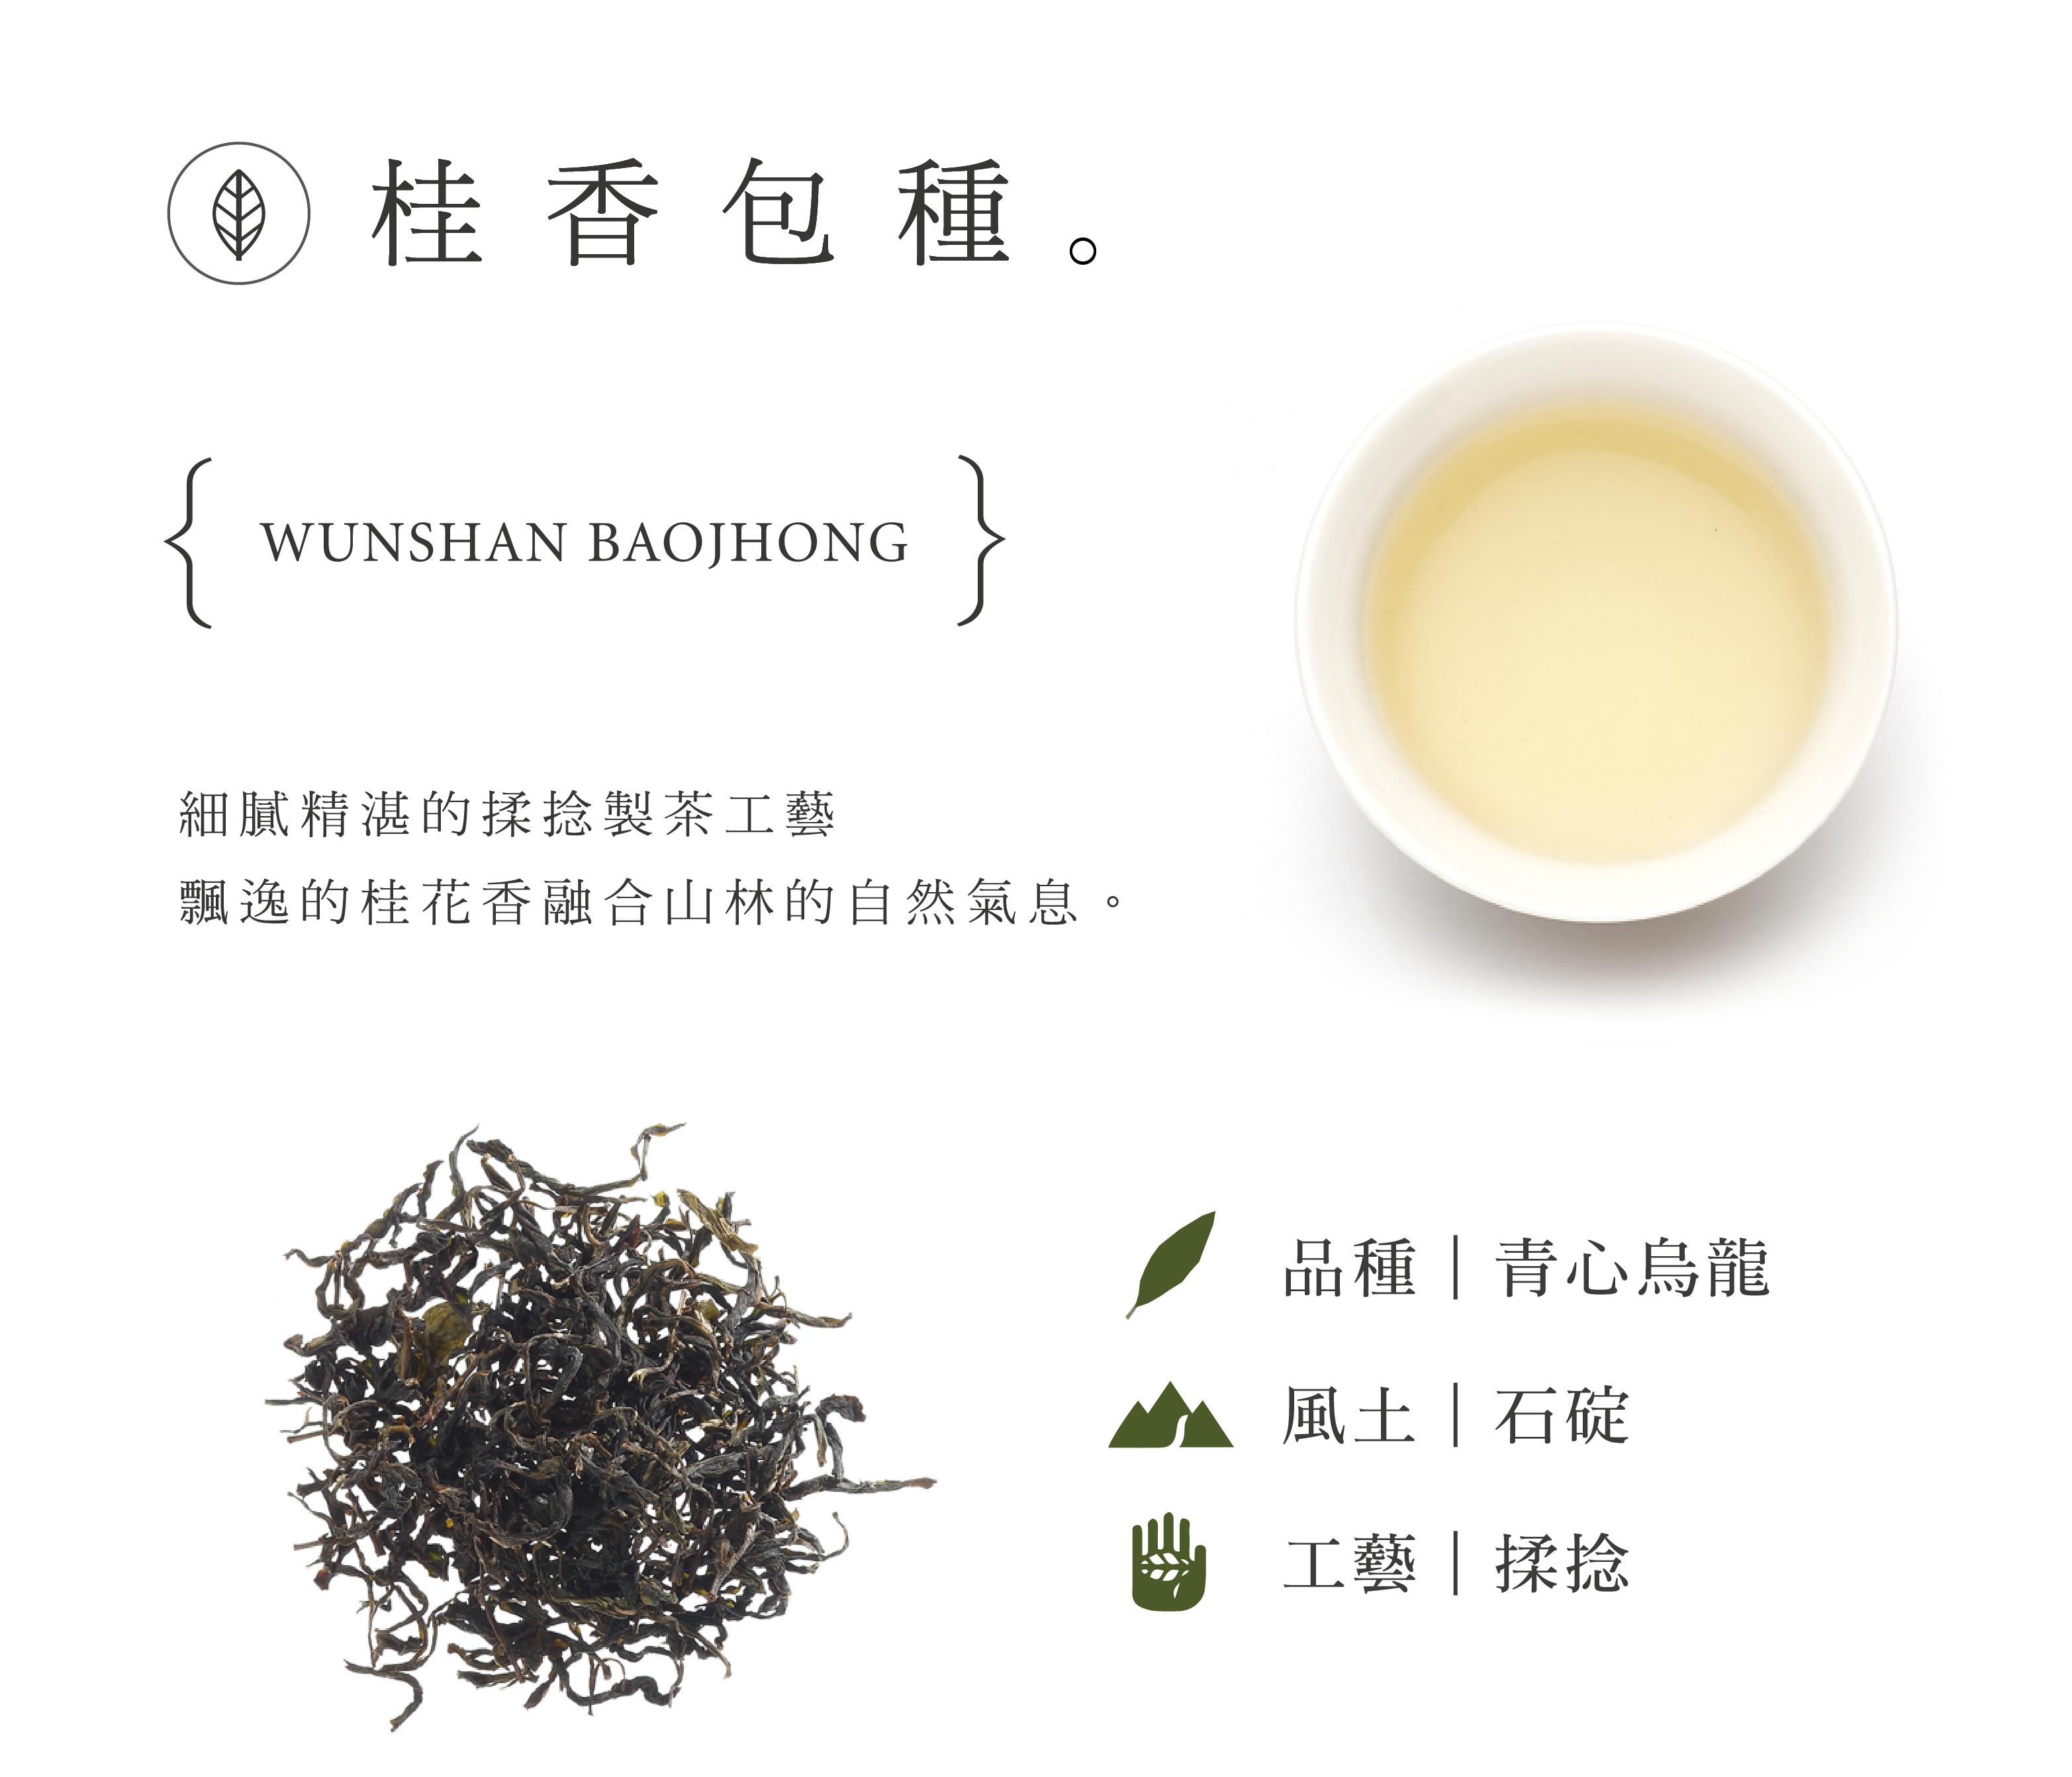 桂香包種 細膩精湛的揉捻製茶工藝 飄逸的桂花香融合山林的自然氣息